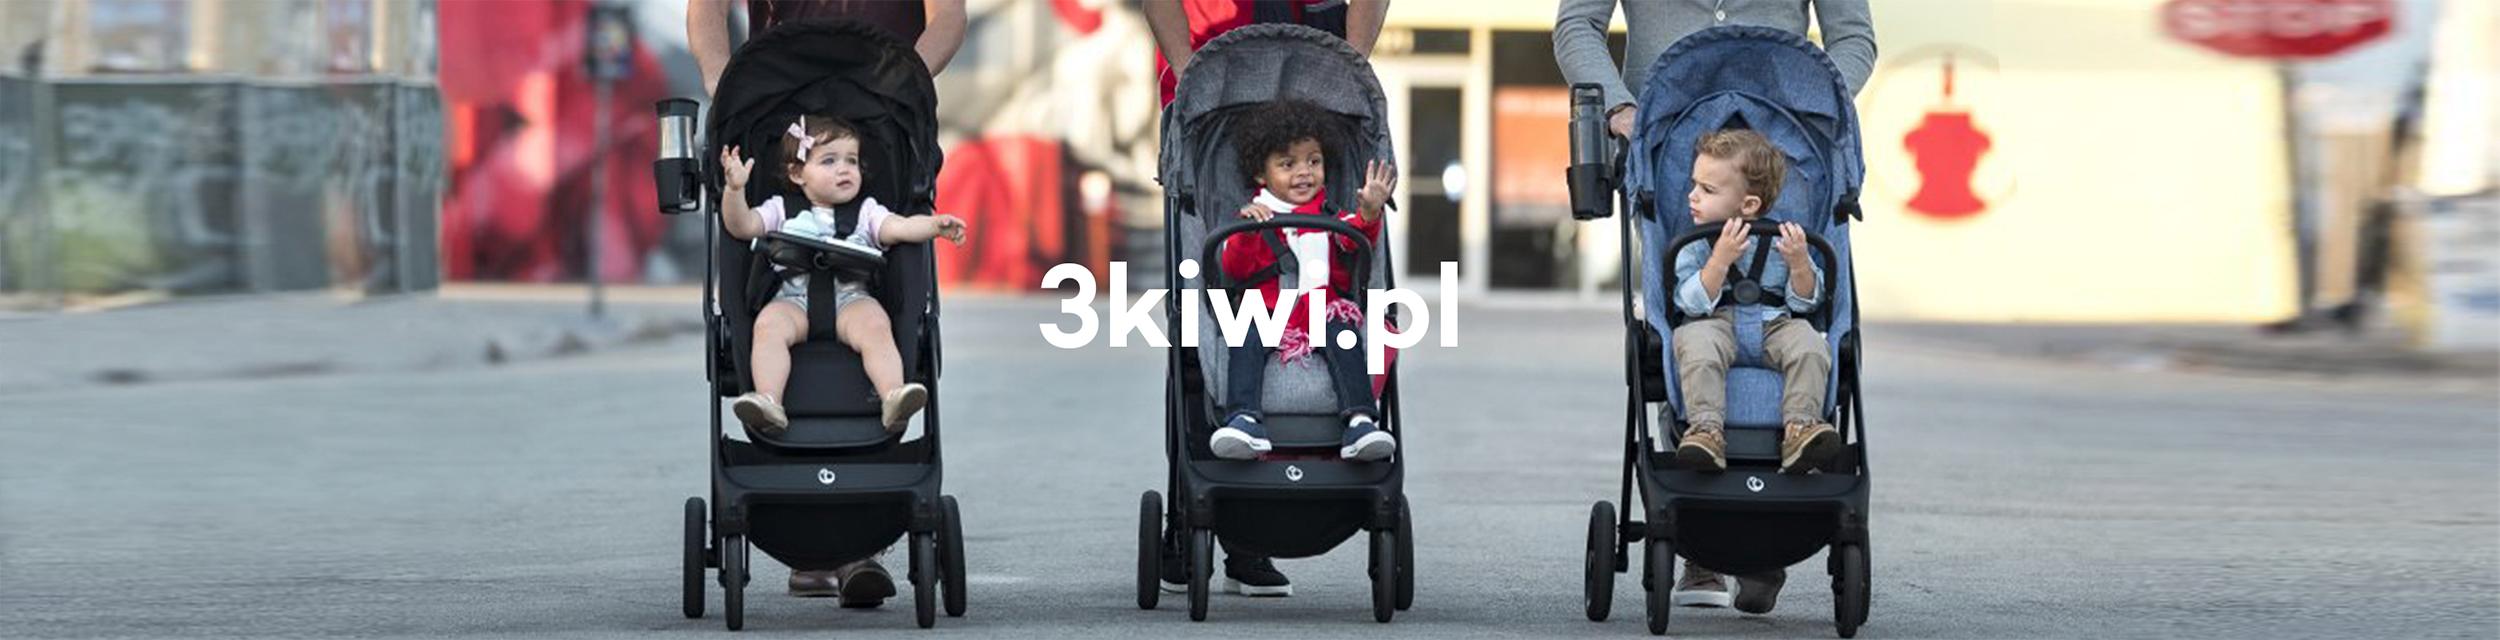 Stokke Beat Lekki Wózek Spacerowy Kompaktowy 3kiwi Wrocław